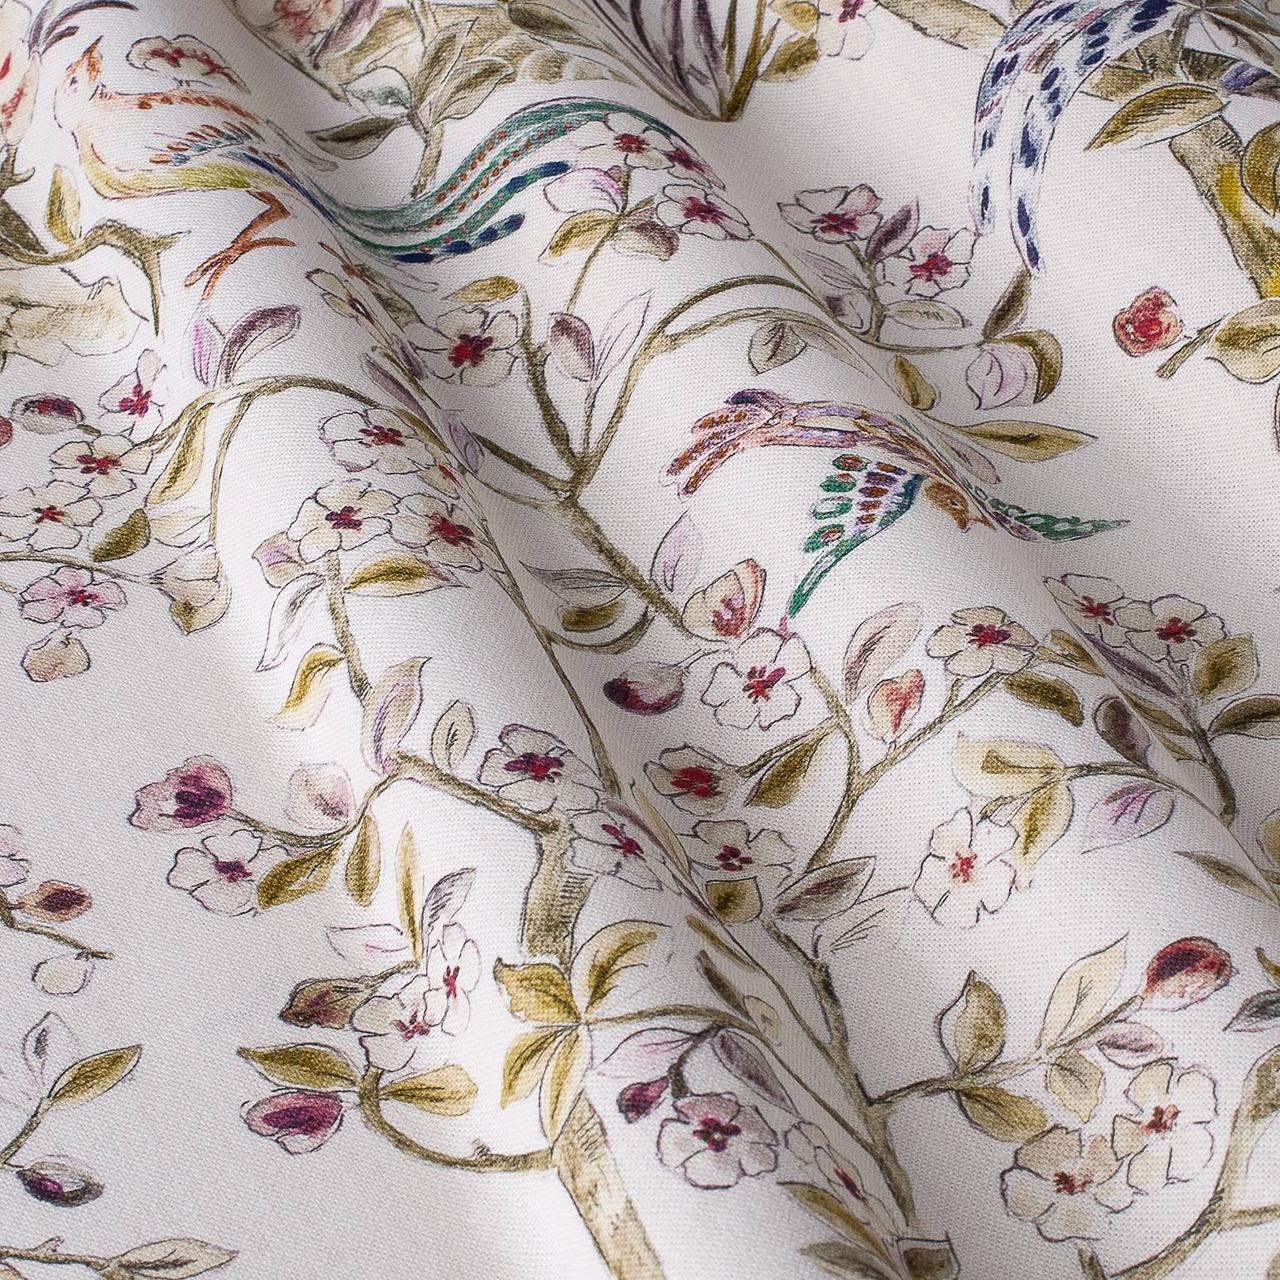 Декоративная ткань салатный цветочный узор на бежевом фоне Испания 84661v2